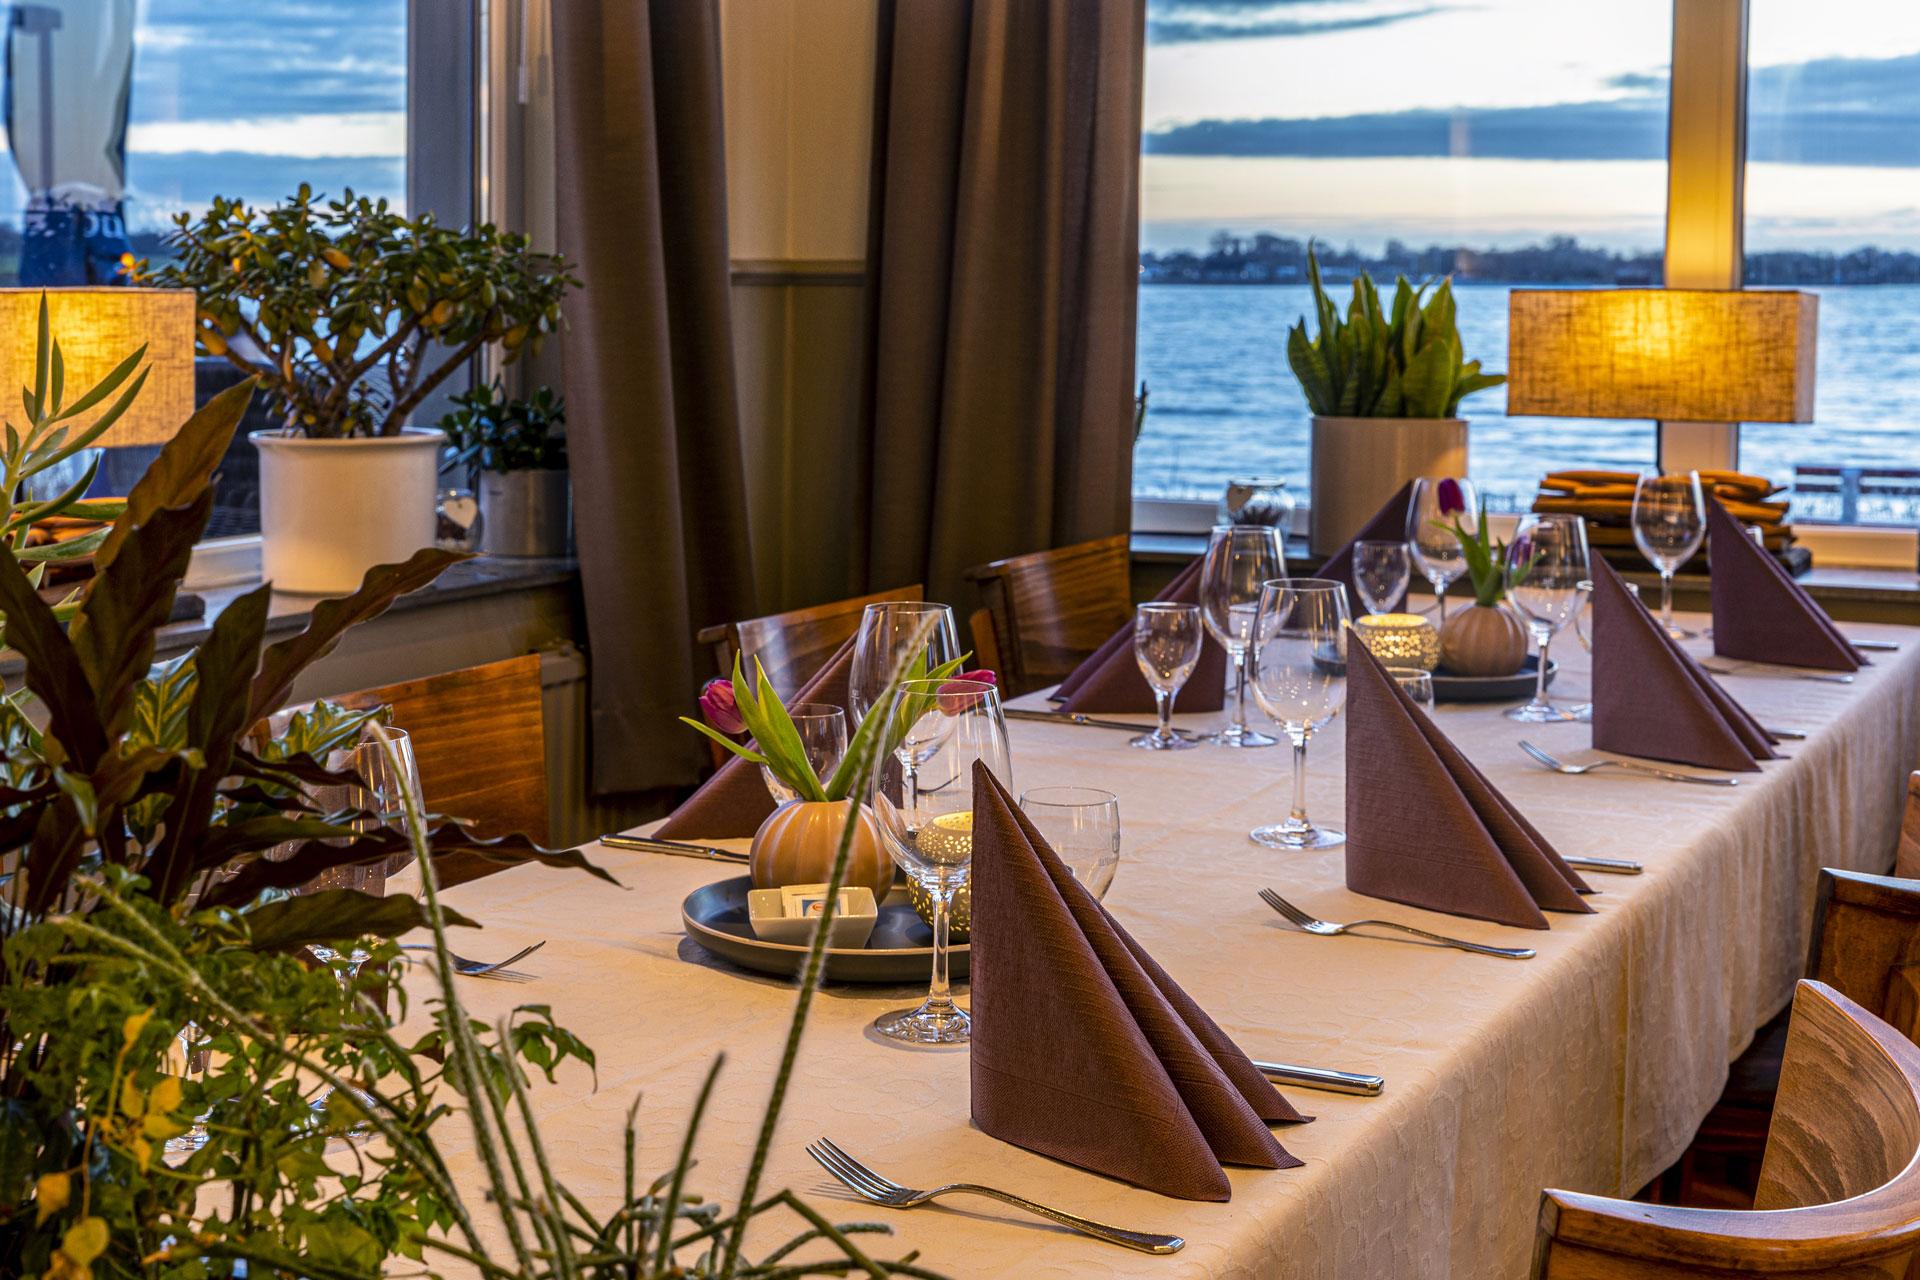 strandhuus-wackerballig-gastronomie14